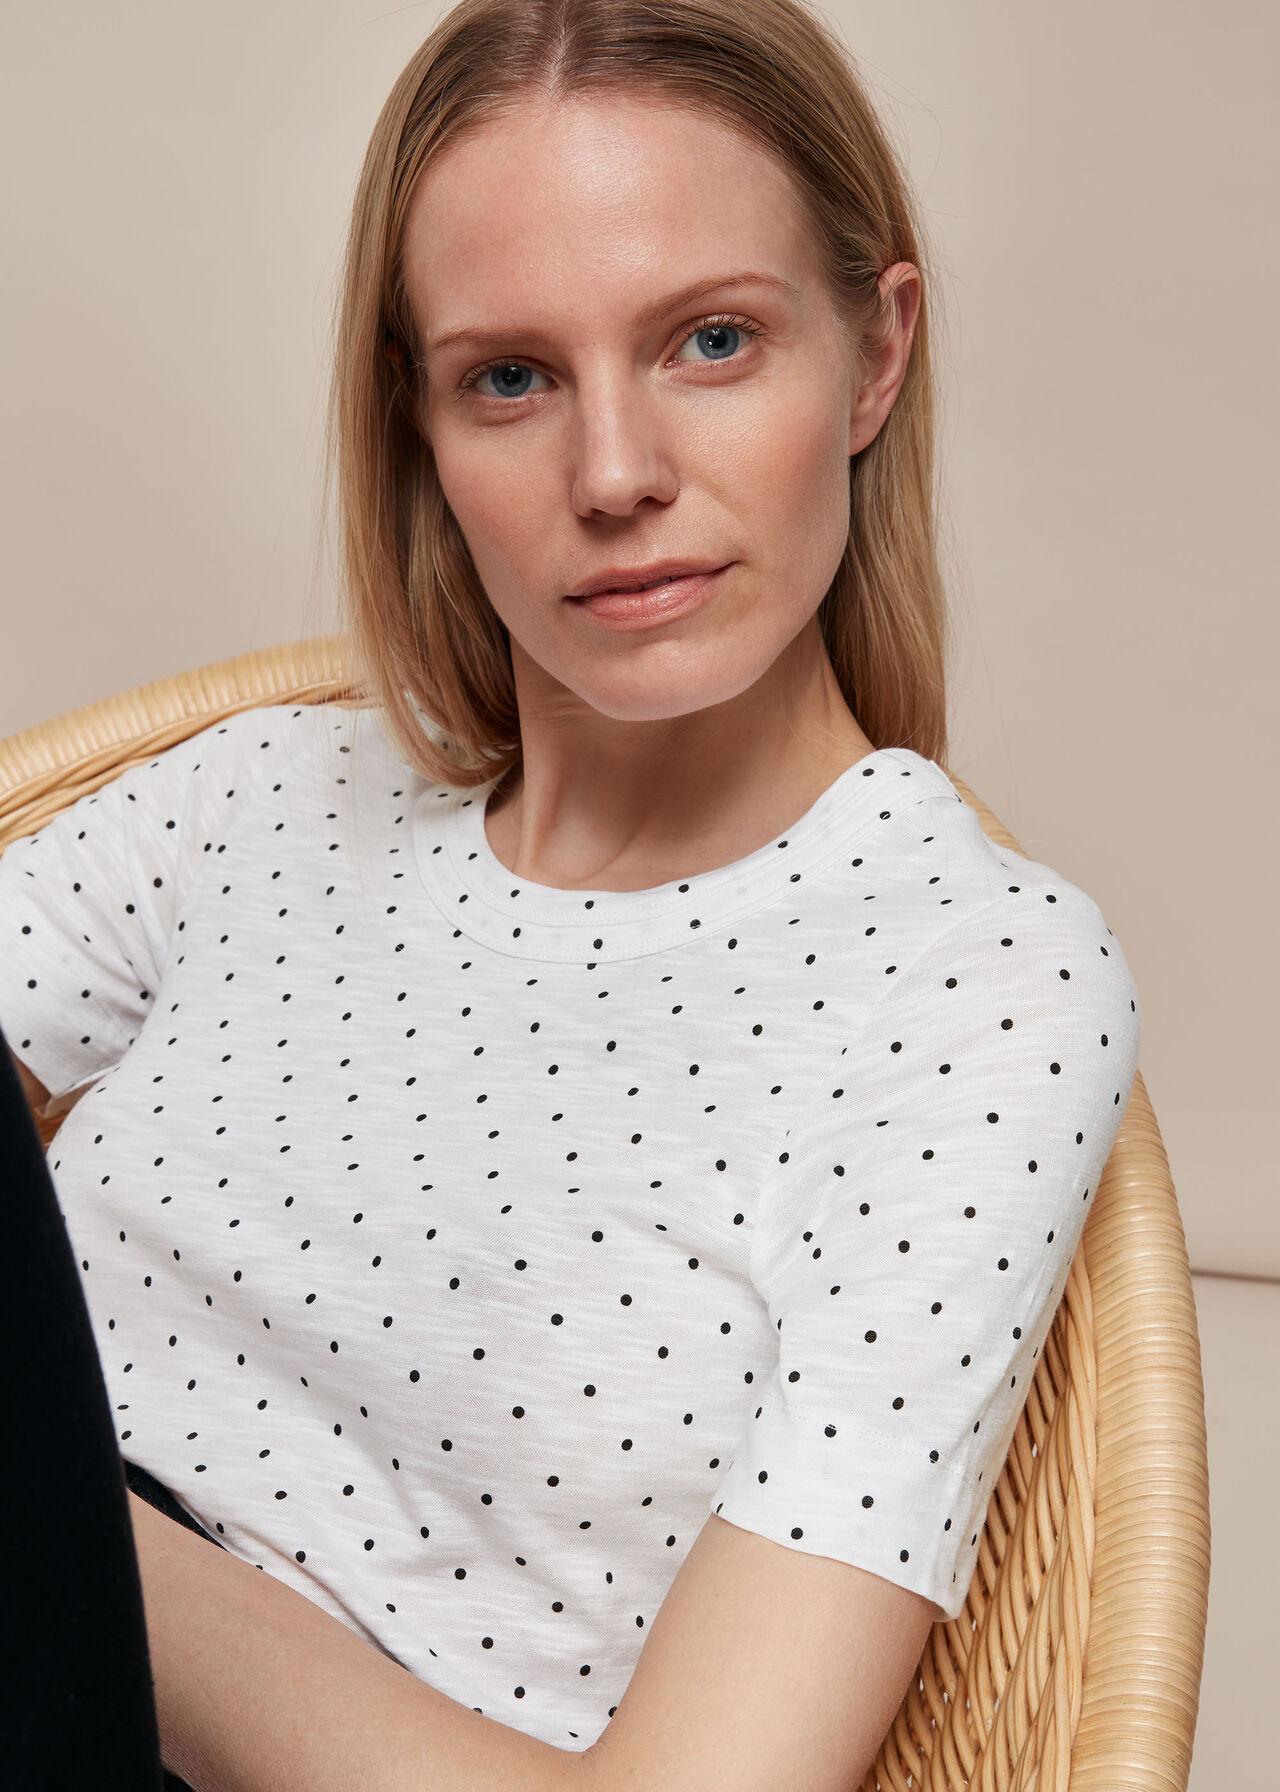 Rosa Double Trim Spot T-Shirt White/Multi